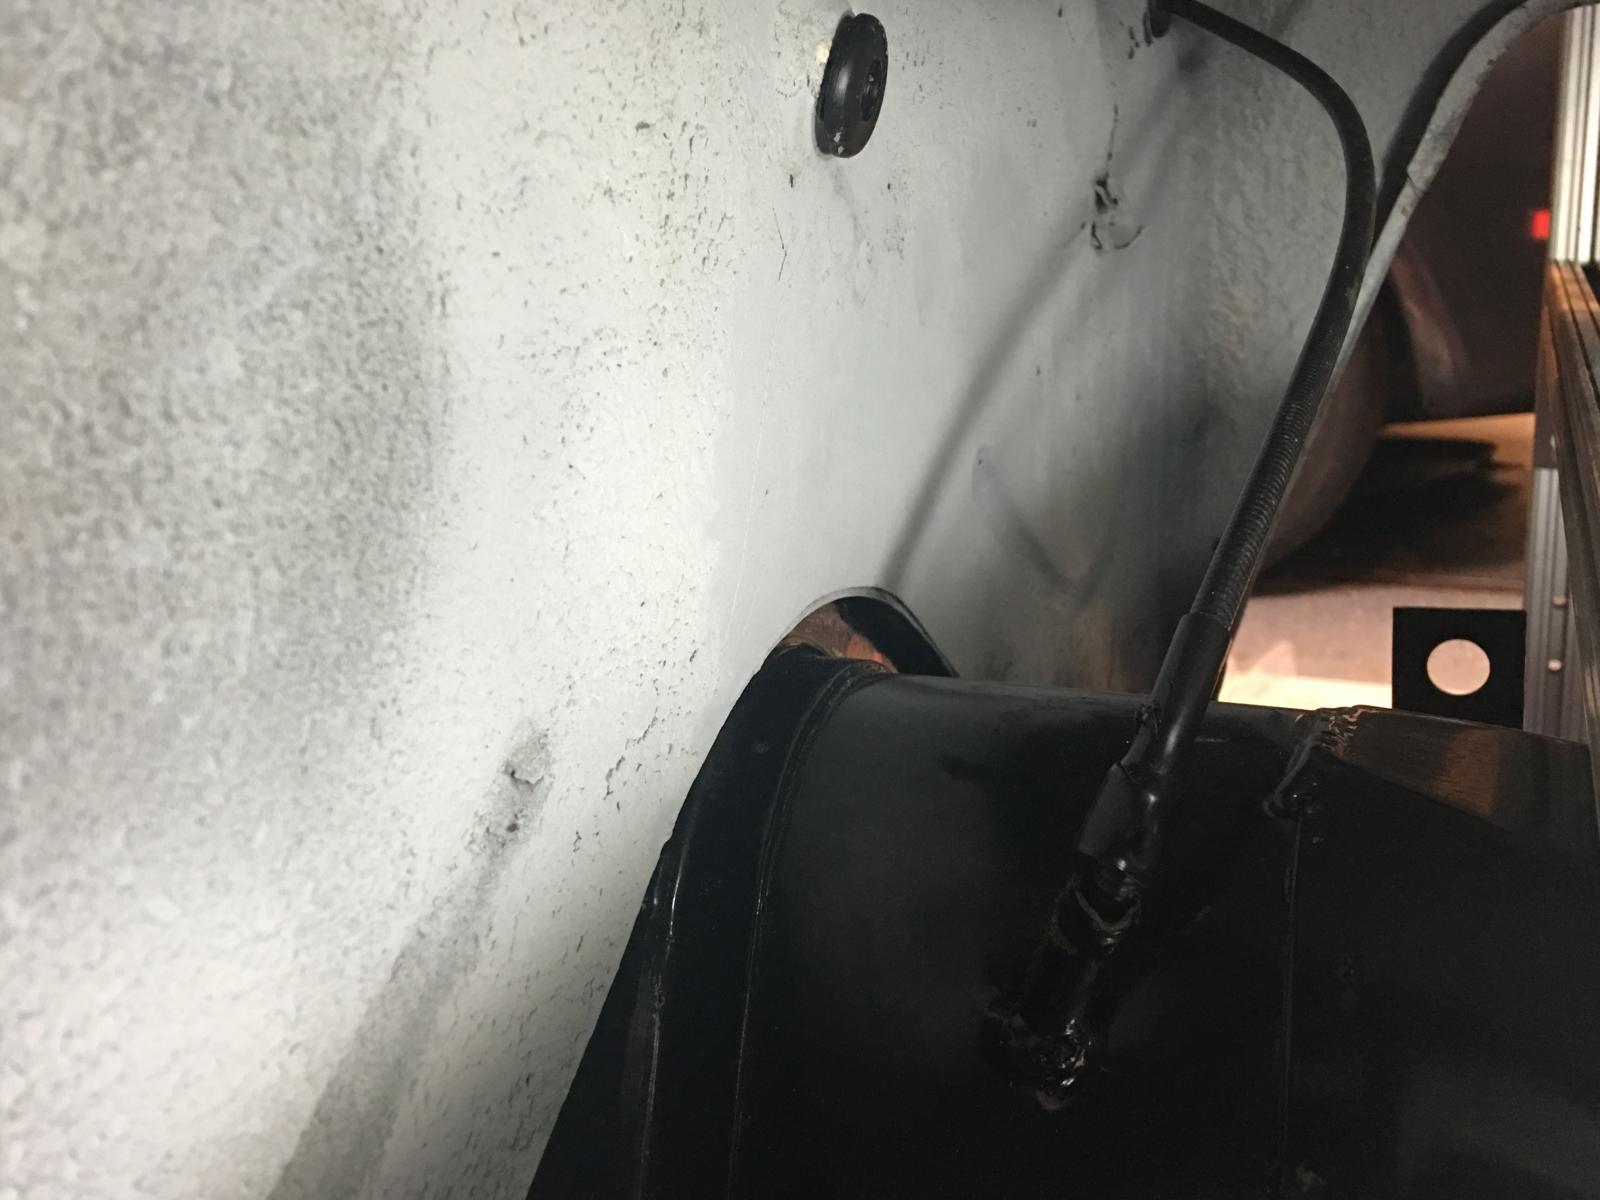 caoutchouc gris sous le tableau de bord (parois verticales)  1837276